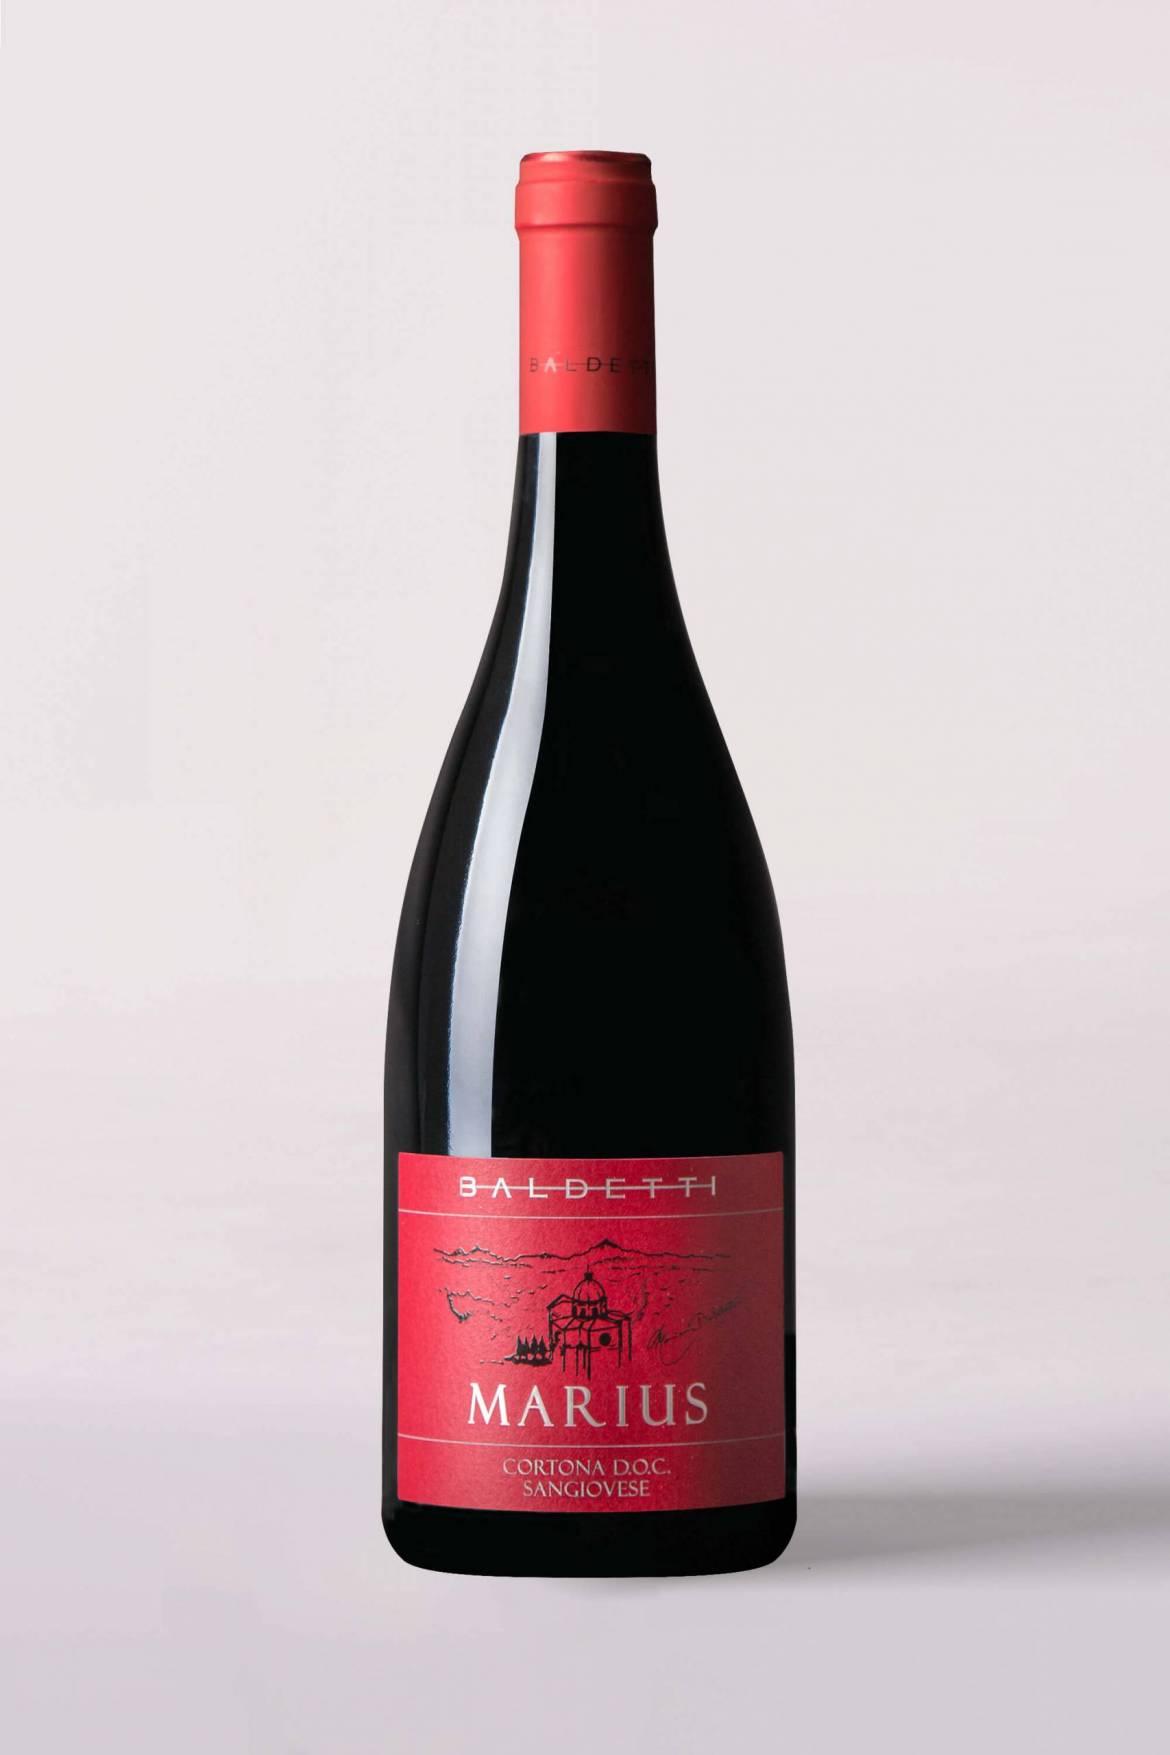 Marius-scaled.jpg